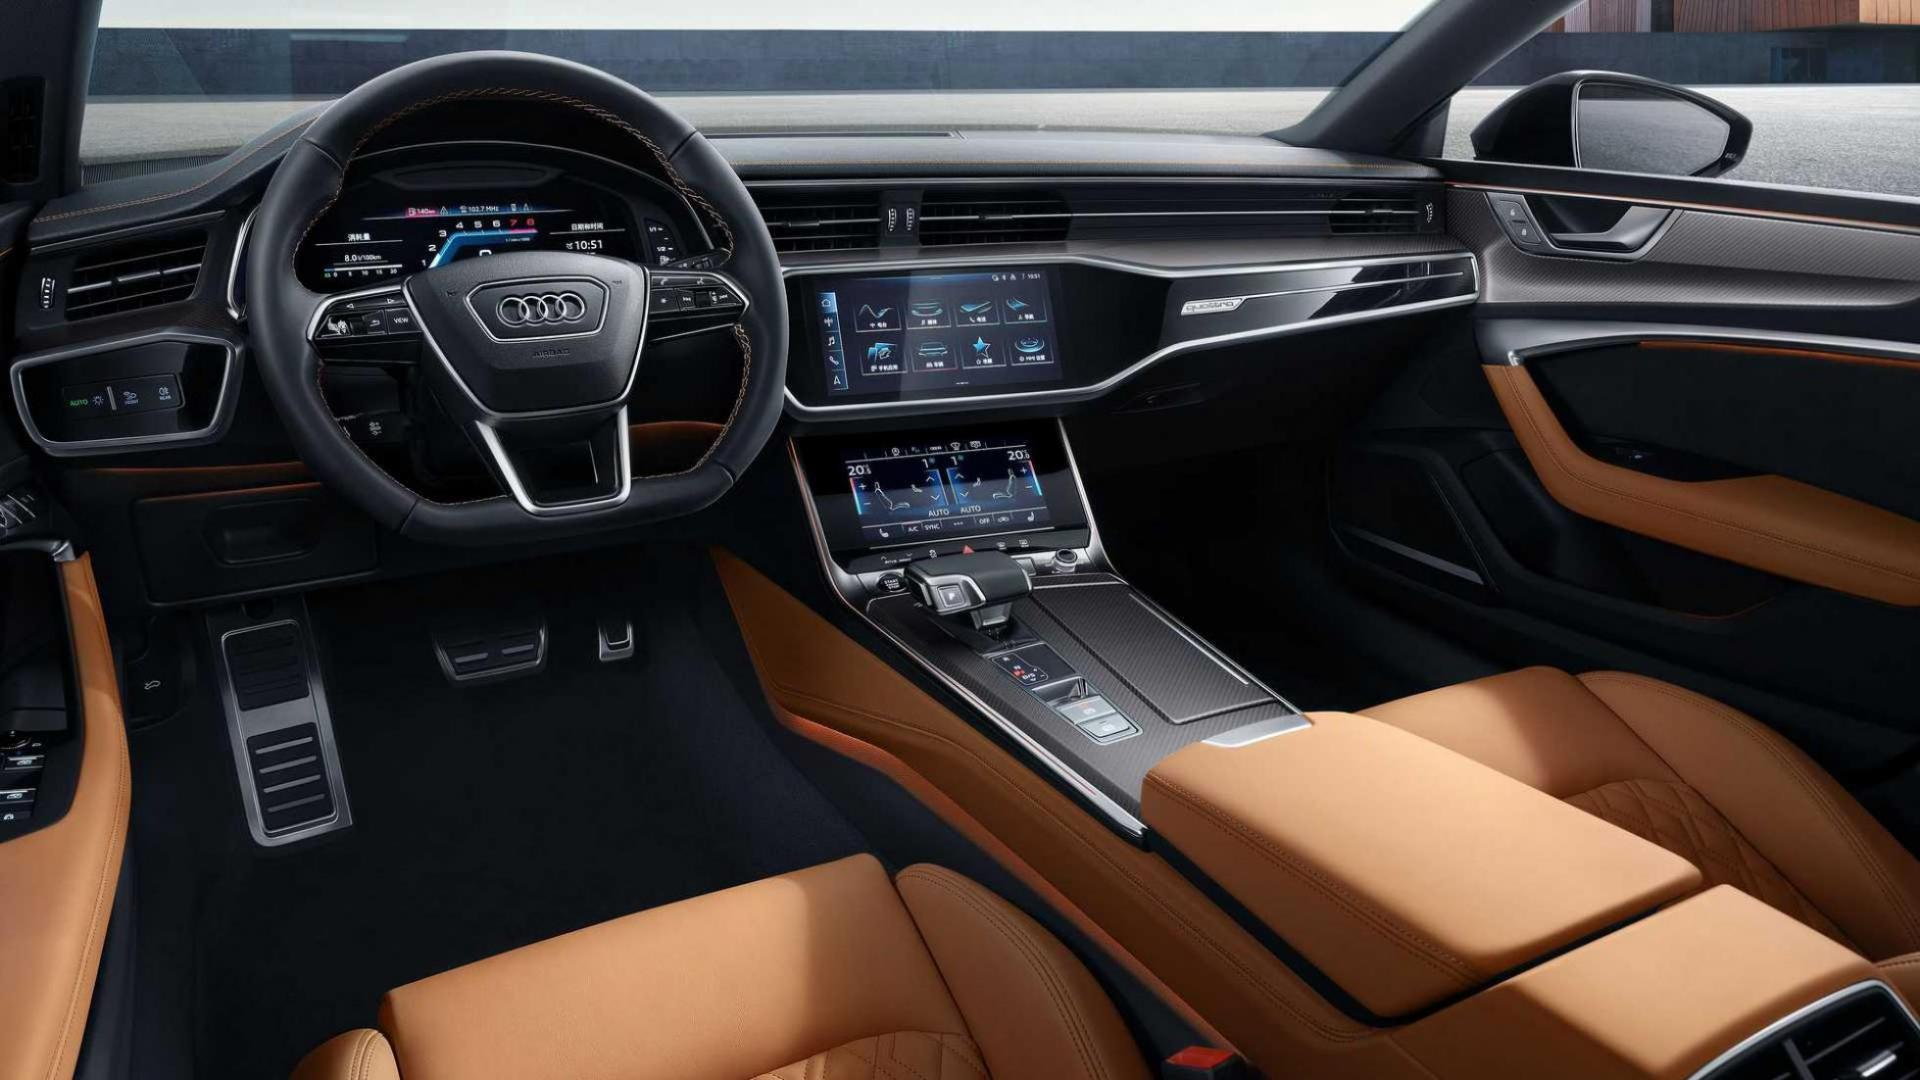 Interieur Audi A7L